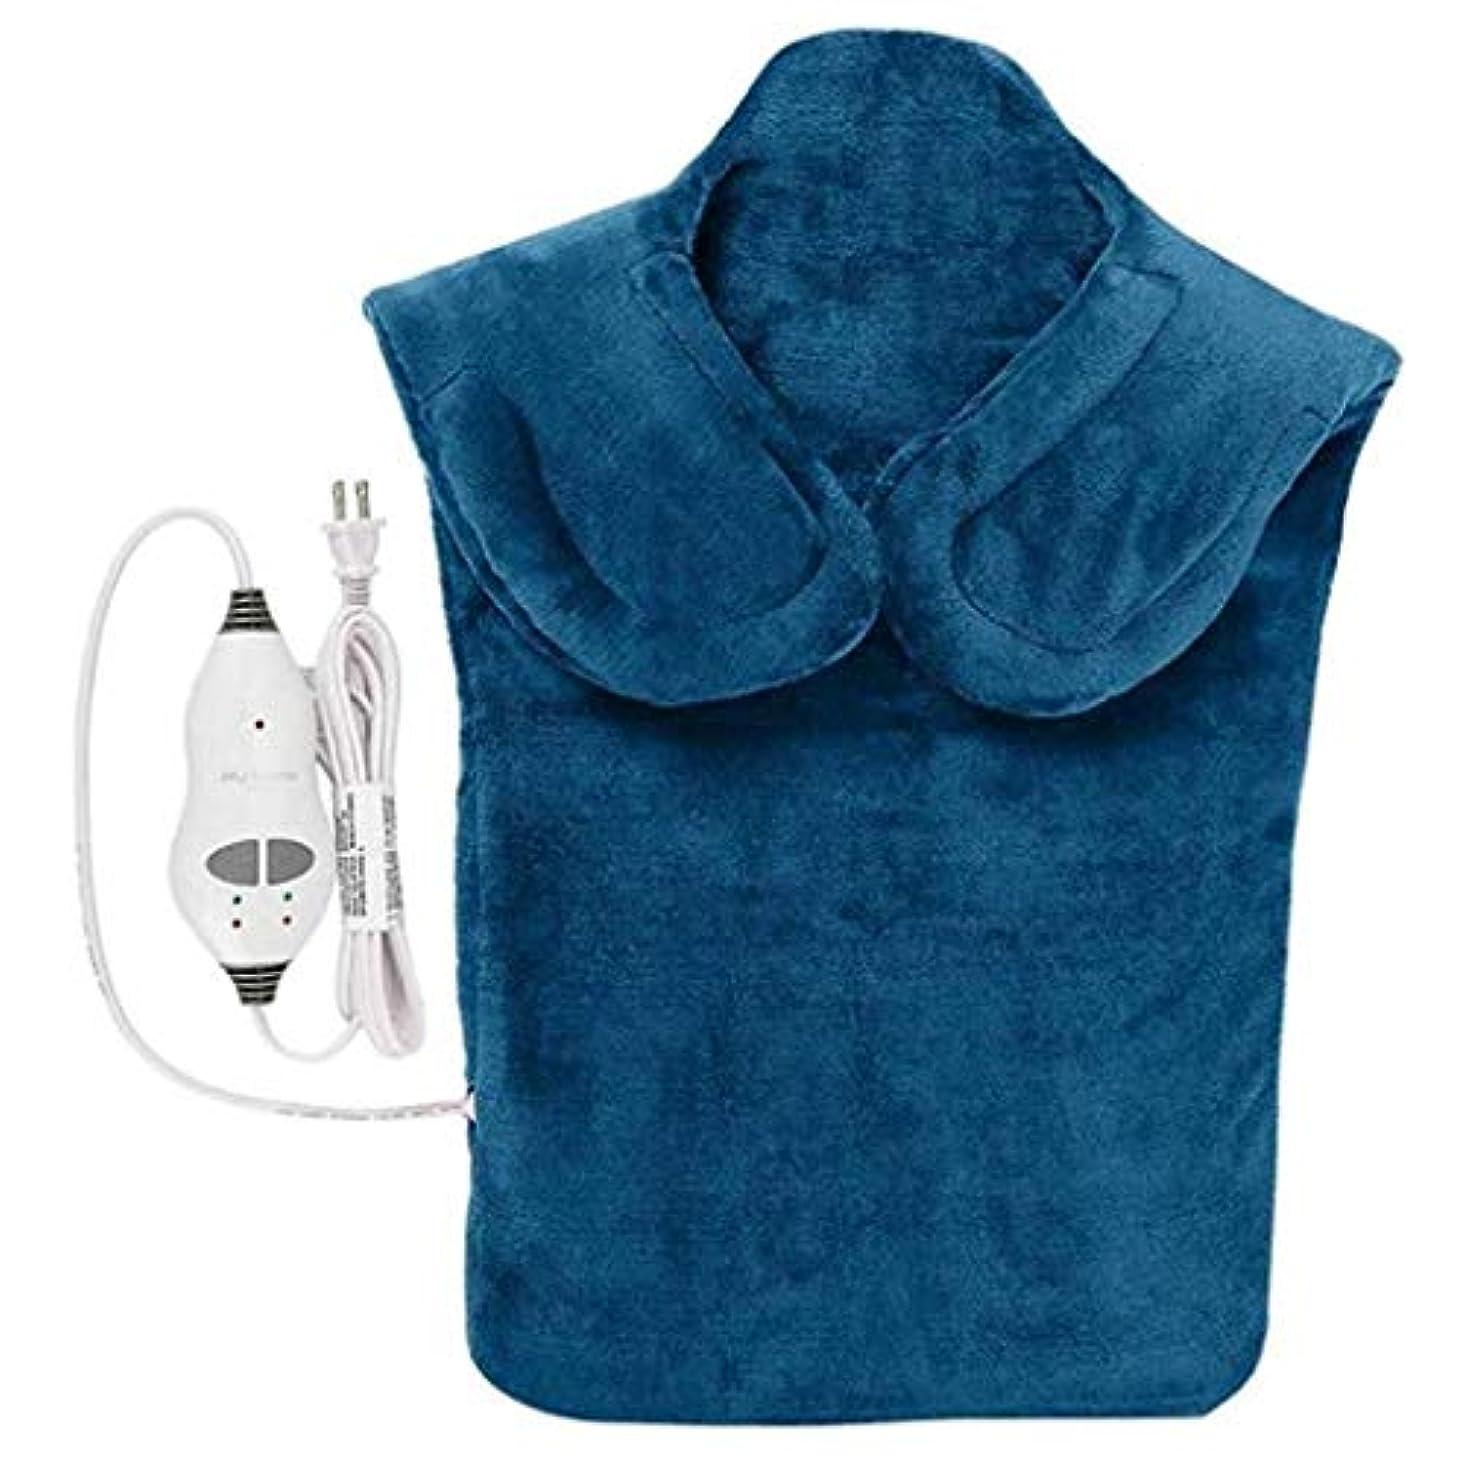 かもしれないレモンクルーネックマッサージャー、電気マッサージ器、首暖房パッド、フランネルヘルスケアパッケージ首/肩/戻る血液循環を促進、筋肉の痛みを和らげる、暖かい保つために (Color : 青, Size : One size)